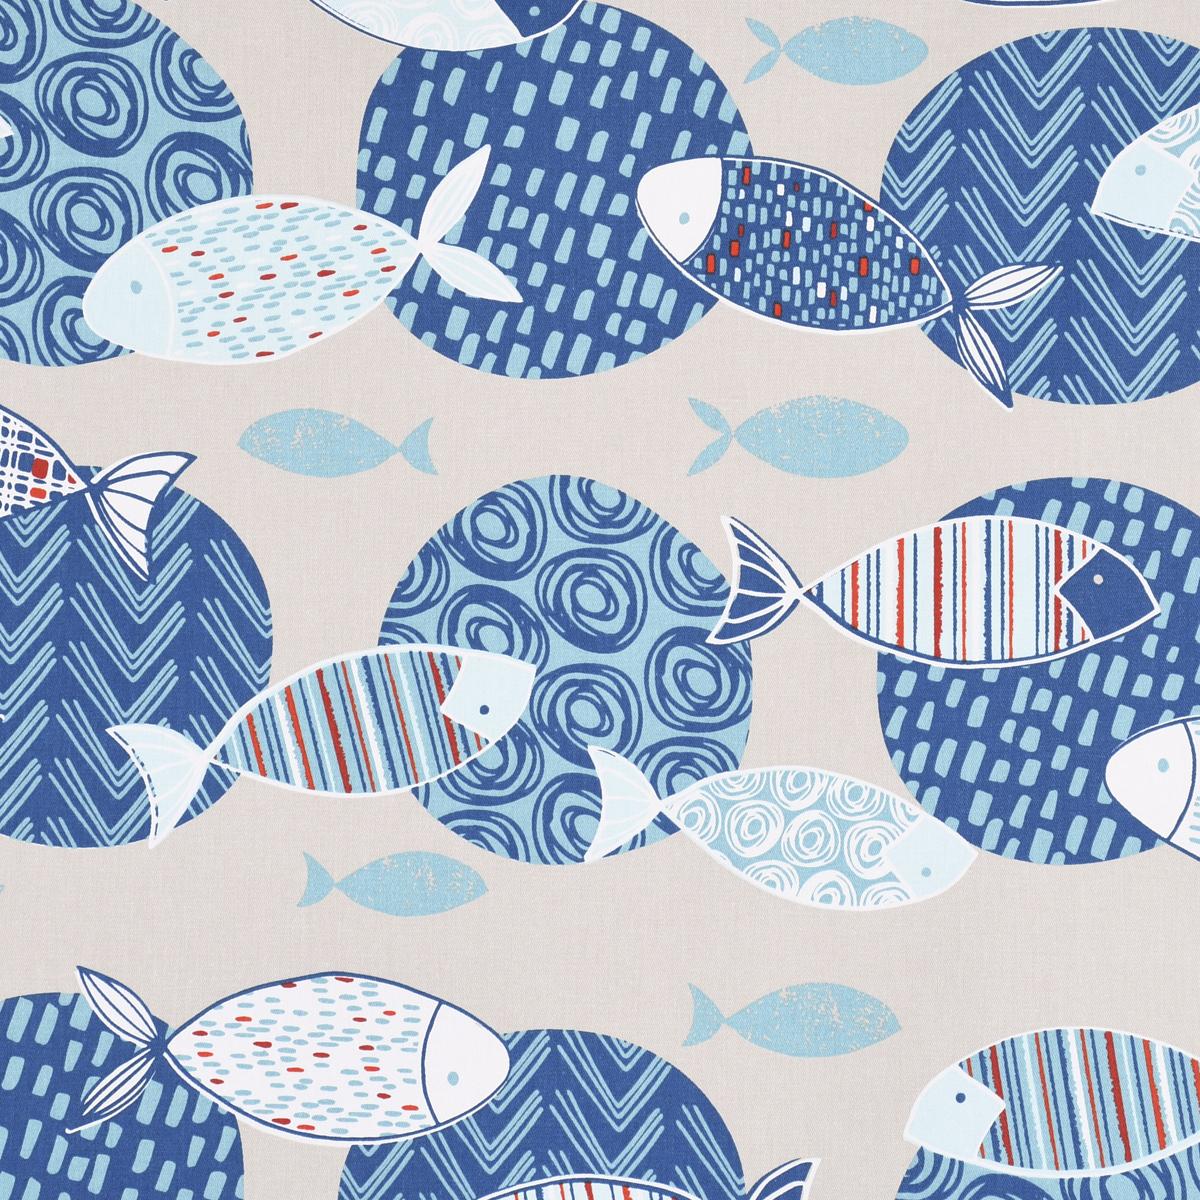 Dekostoff Baumwollstoff Poisson Fische Kreise beige blau 160cm Breite